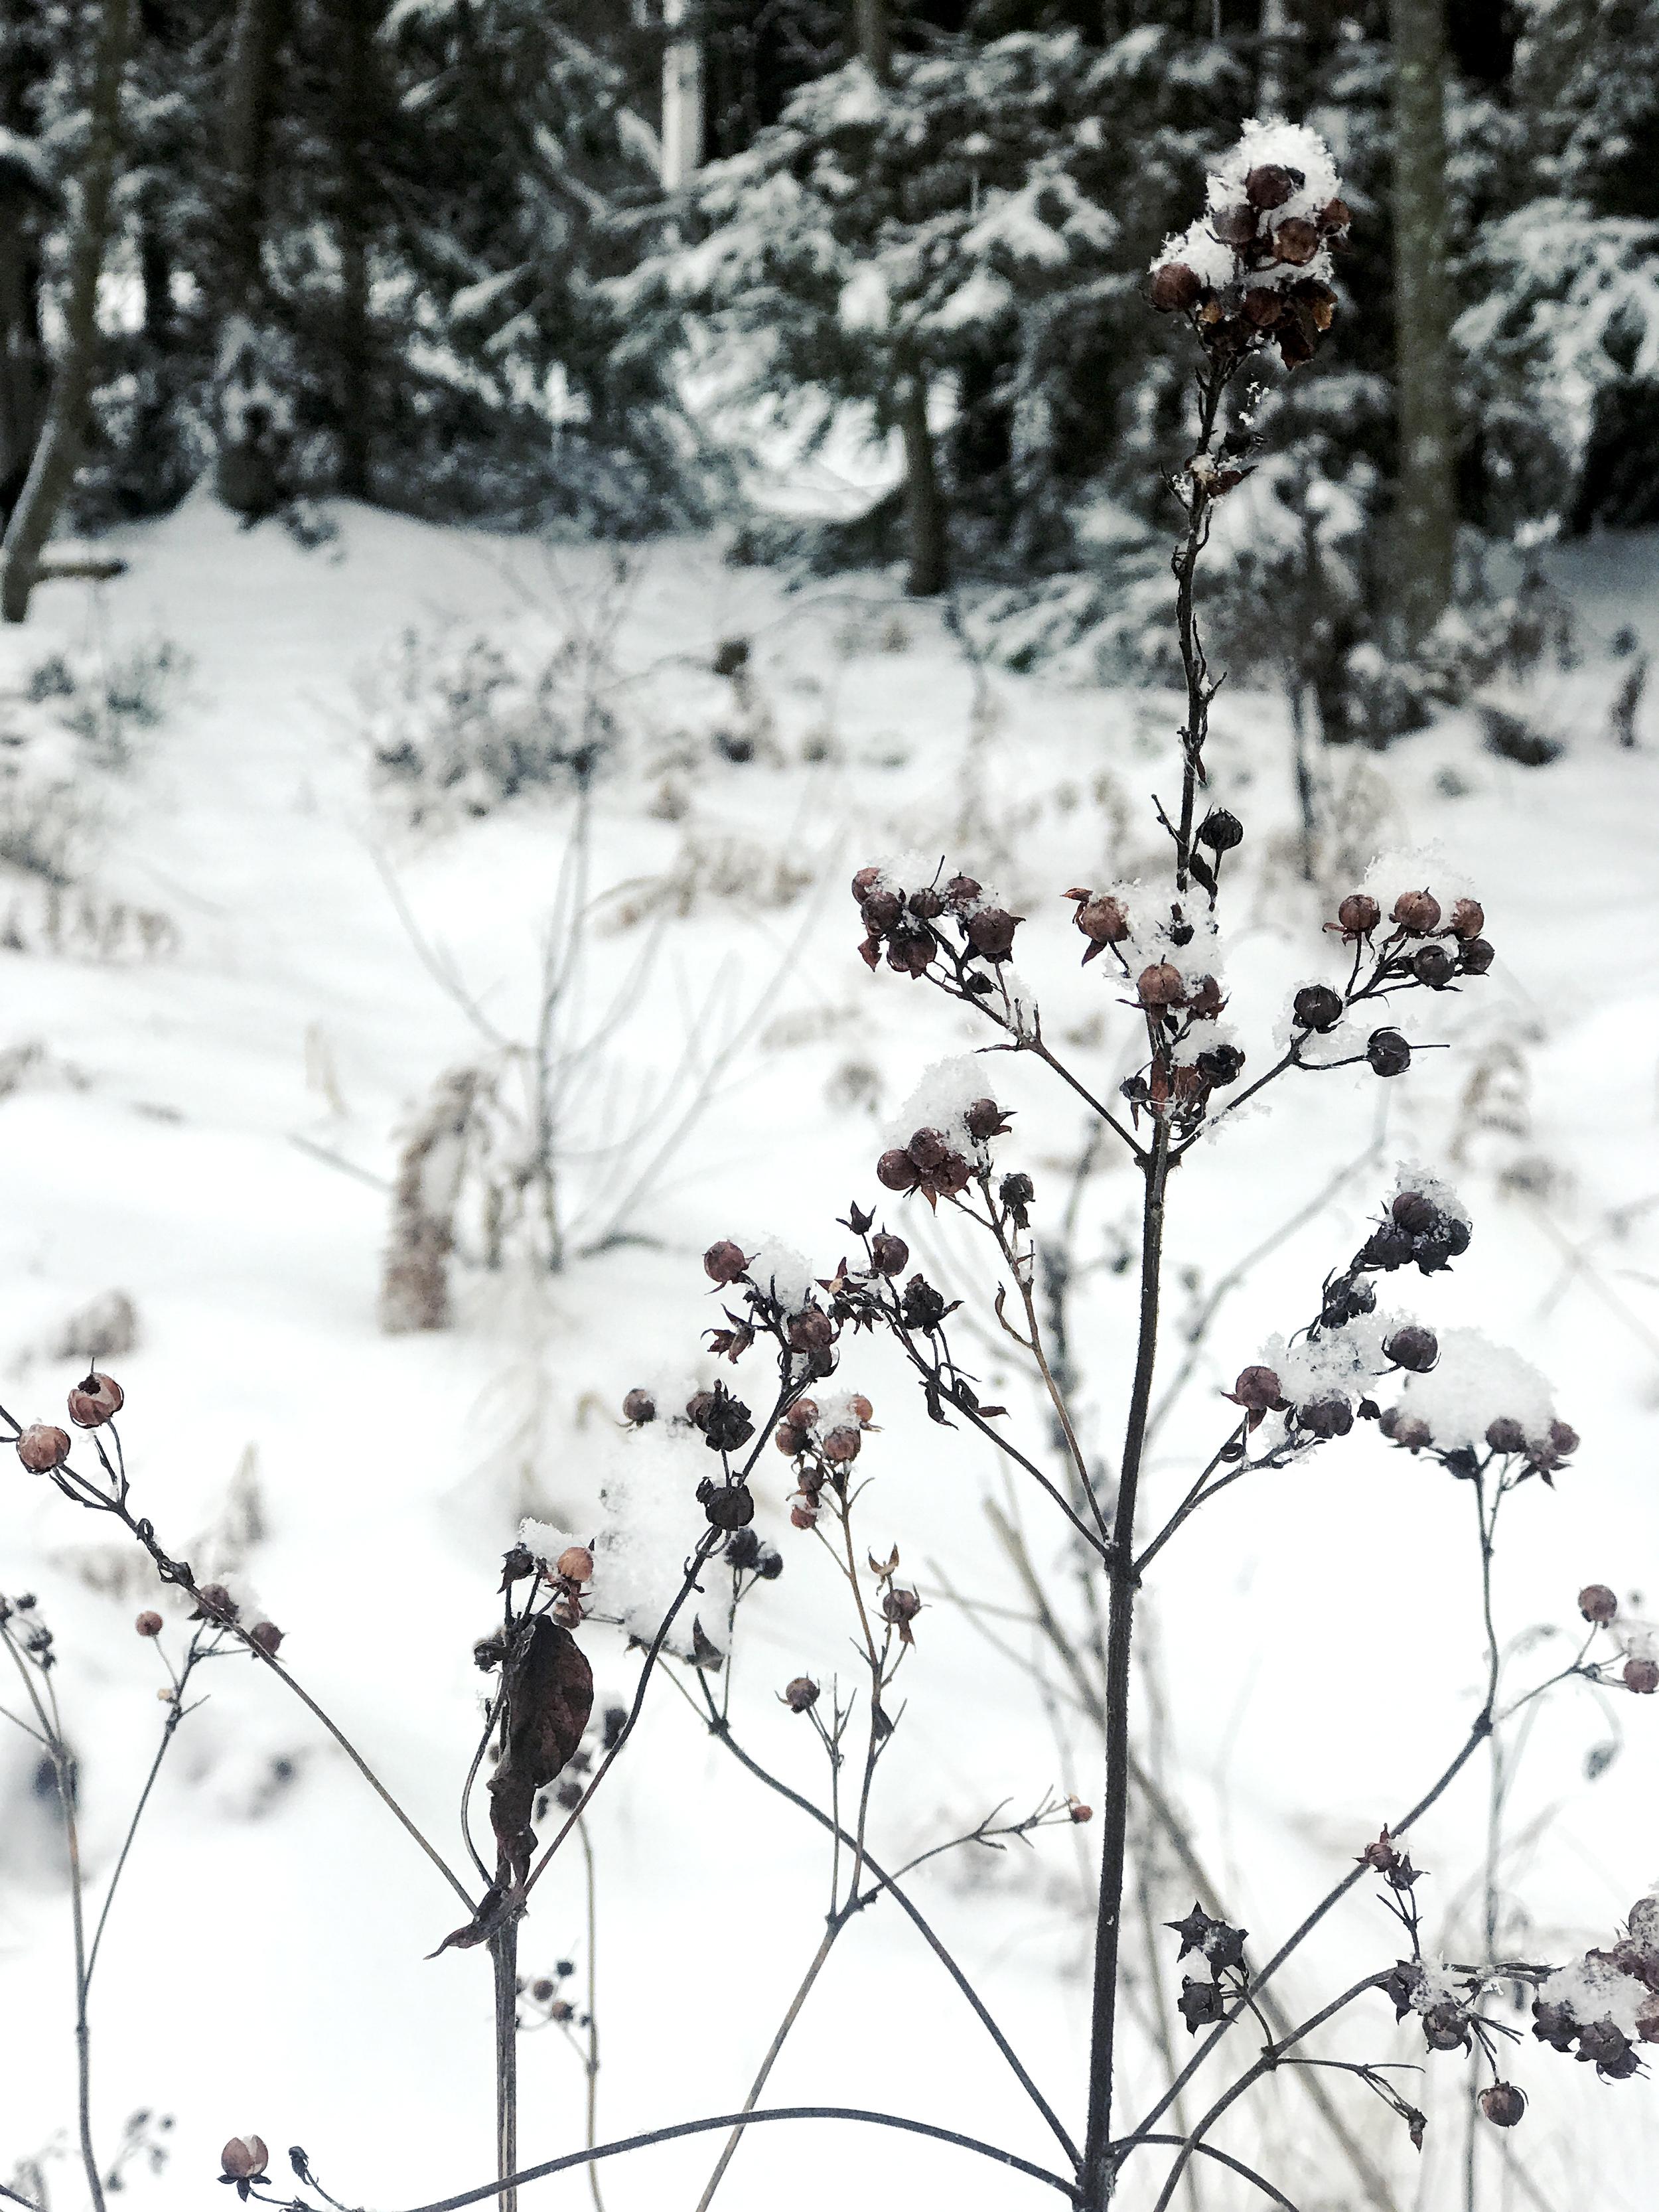 Etelä-Savo, joulukuussa 2018. Lepäilevät risut eivät vaikuttaneet huolestuneilta siitä, tuleeko vielä kevät.